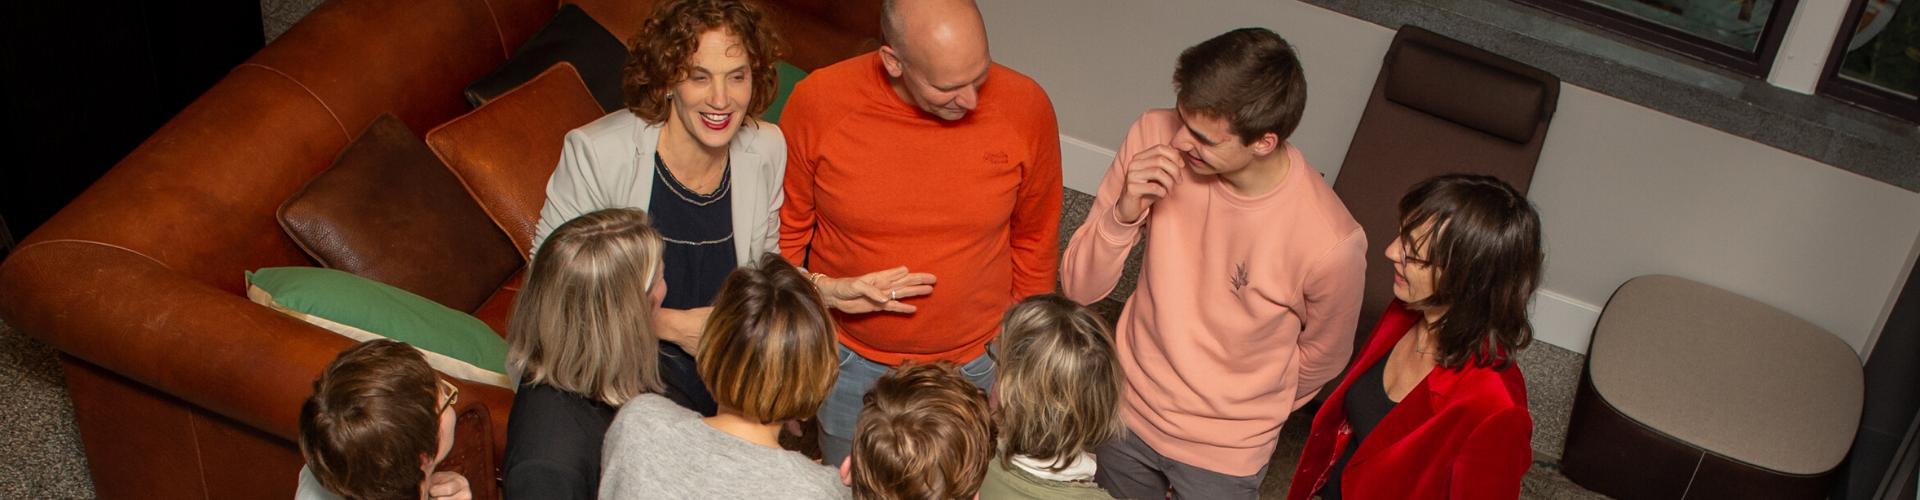 Tandemkracht faciliteert leiderschap in teams door het eerlijke gesprek